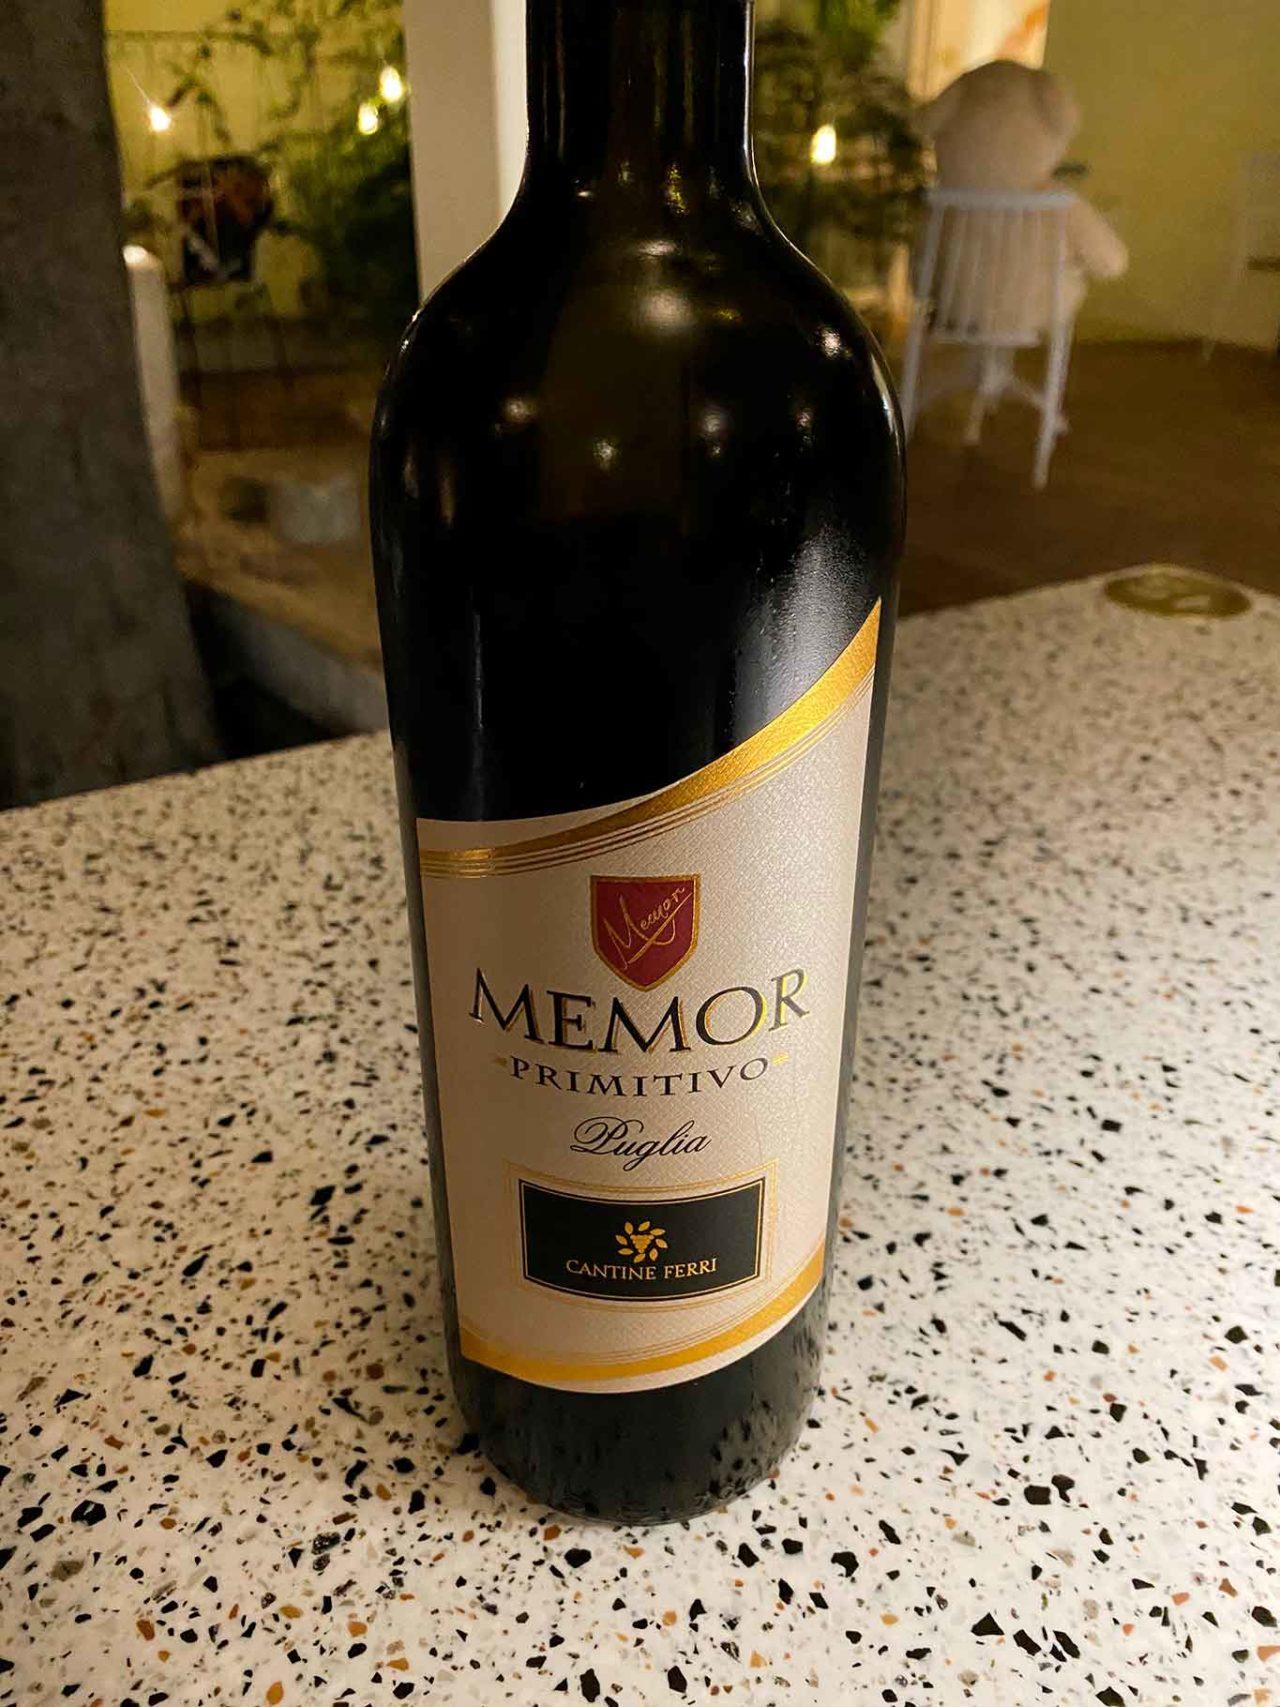 vino Memor Primitivo cantine Ferri